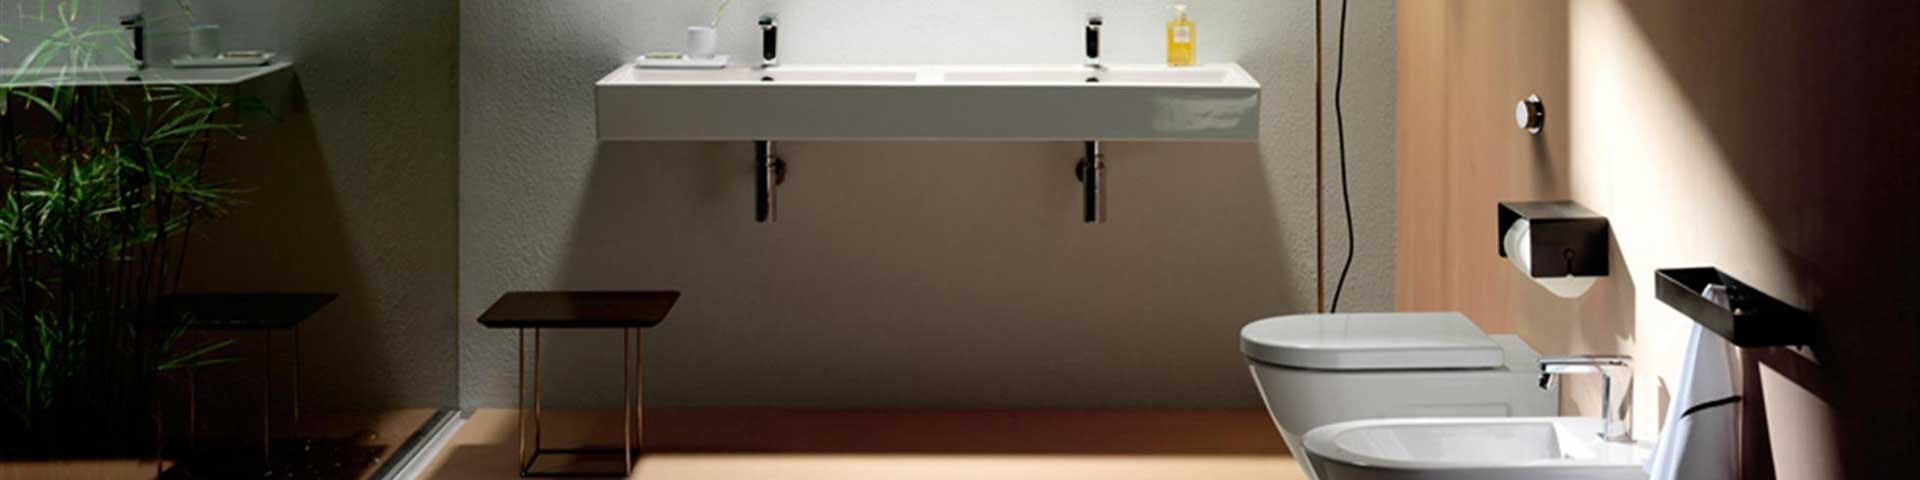 Sanitari lavabi vasi wc bidet e piatti doccia roma - Cirelli arredo bagno ...